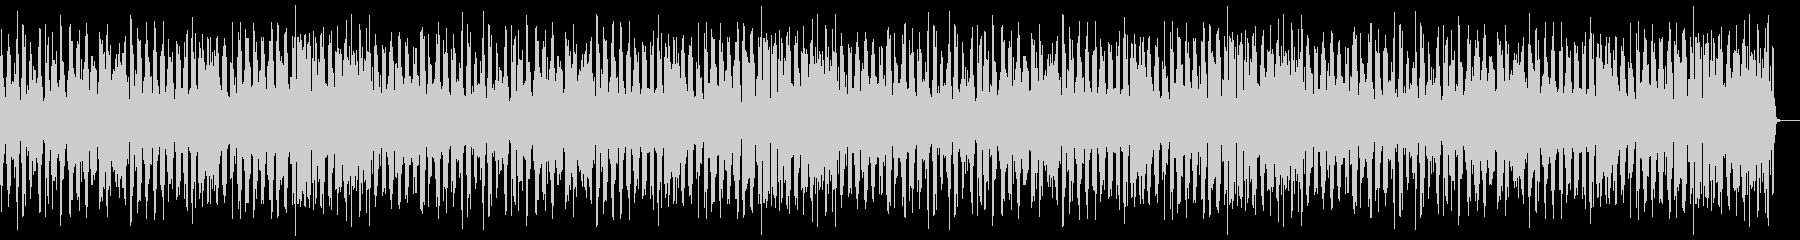 AMGアナログFX 44の未再生の波形